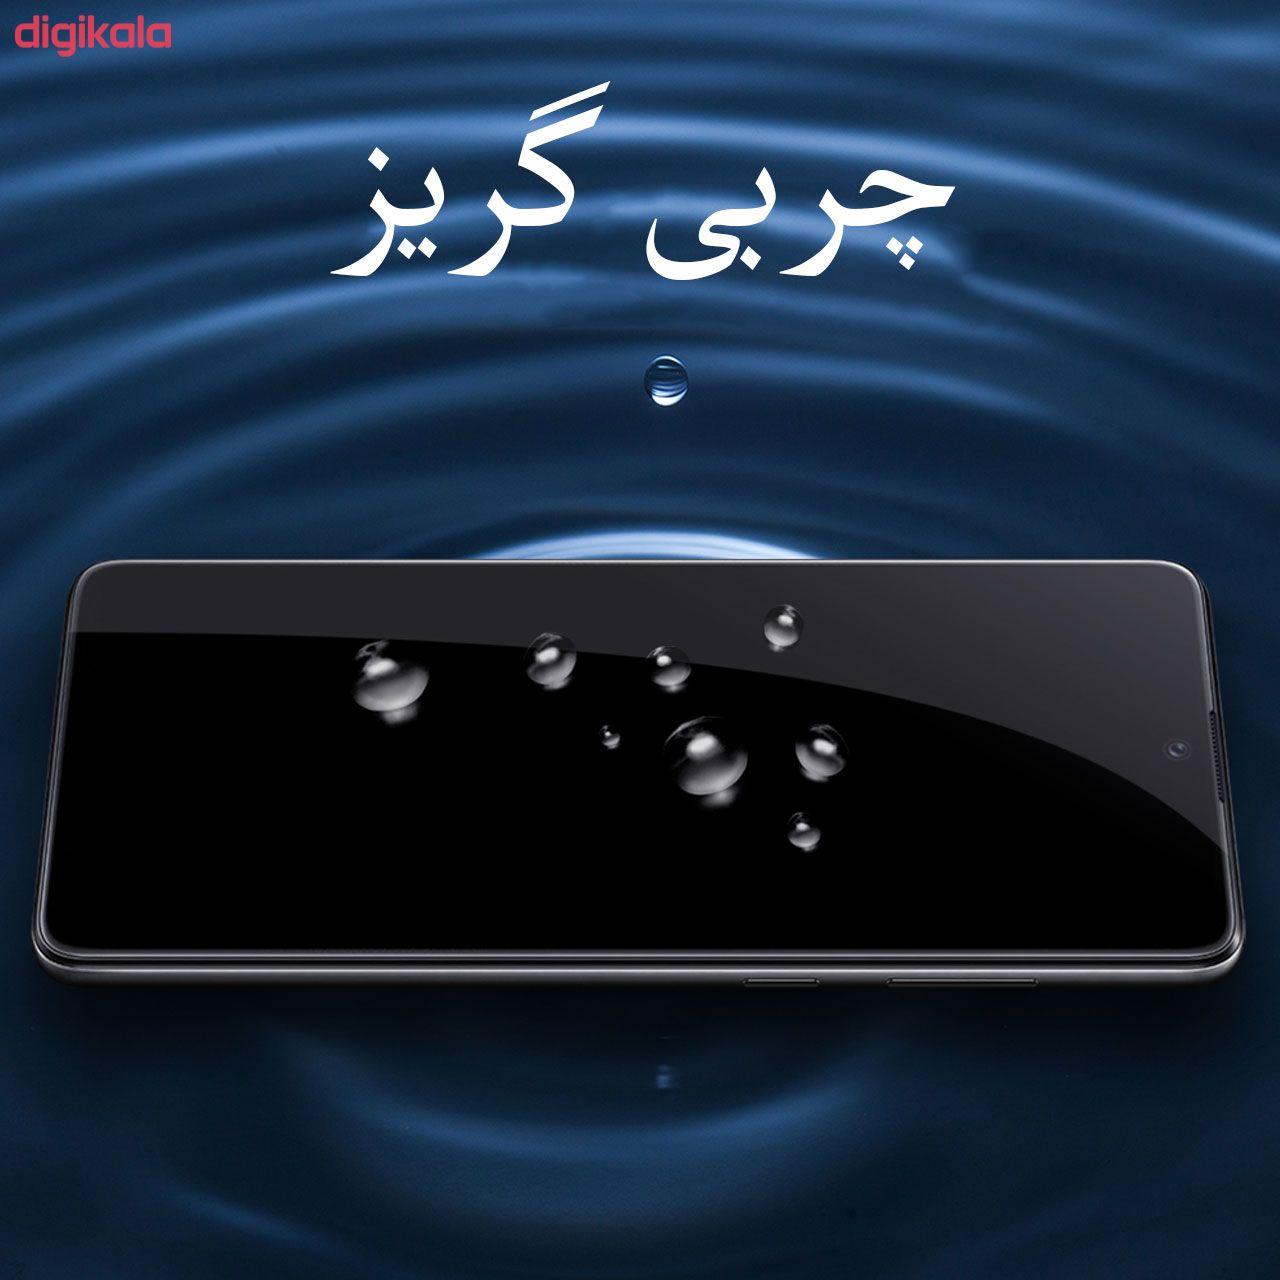 محافظ صفحه نمایش مدل FCG مناسب برای گوشی موبایل شیائومی Poco X3 main 1 1